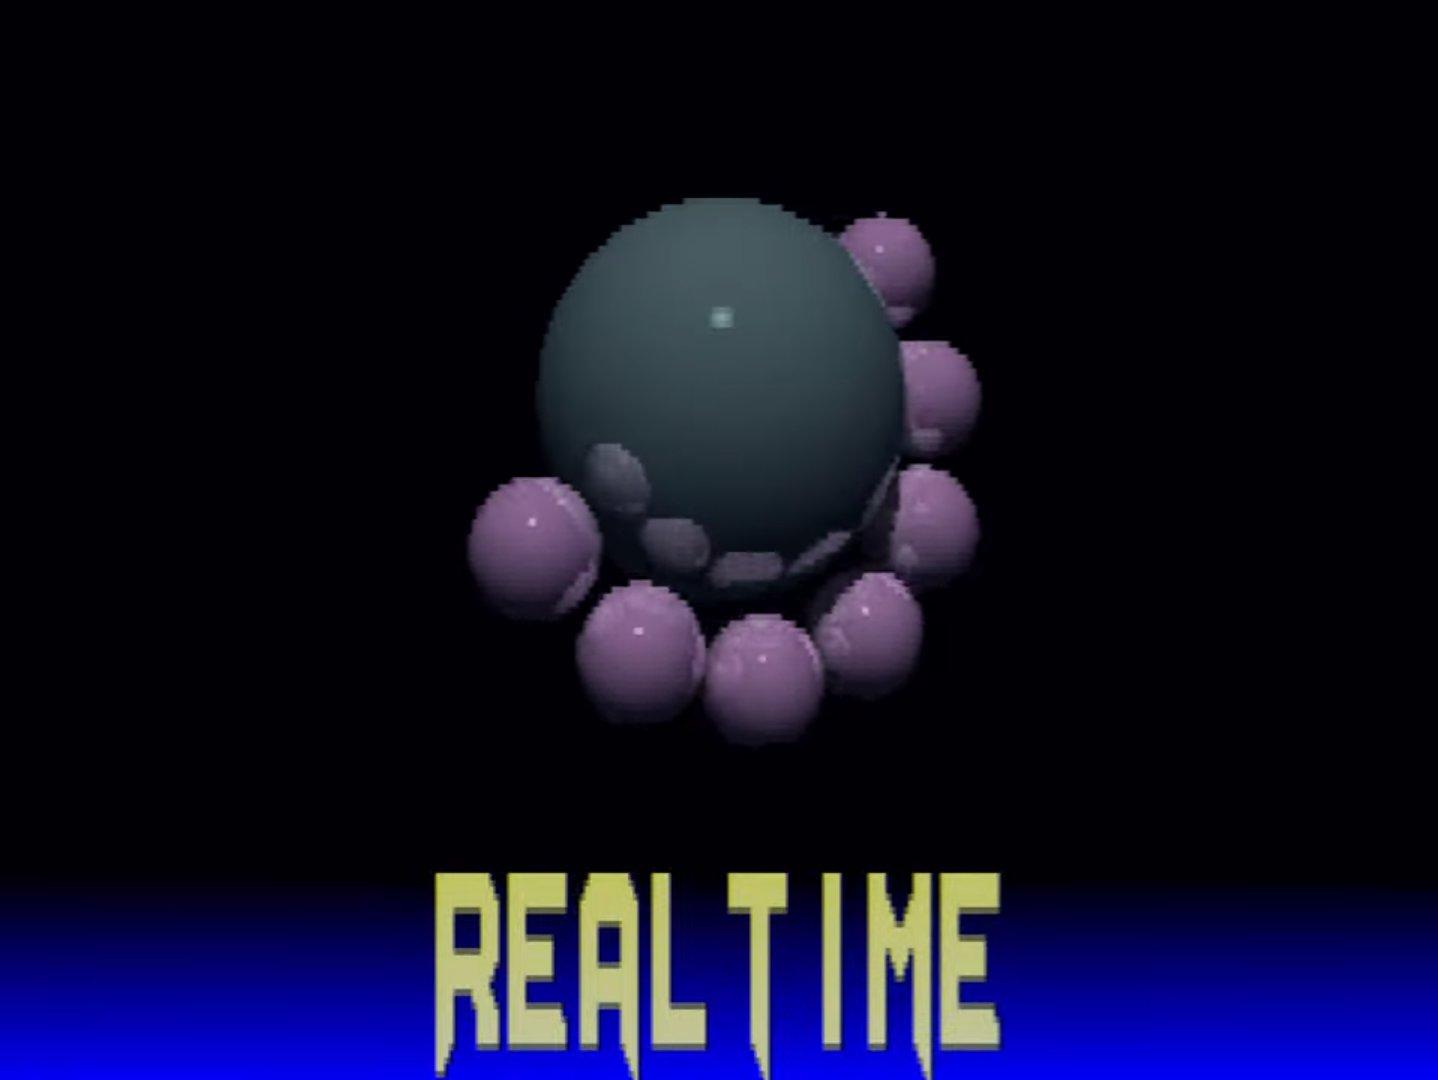 Трассировка лучей в реальном времени в 1 КБ кода - 9